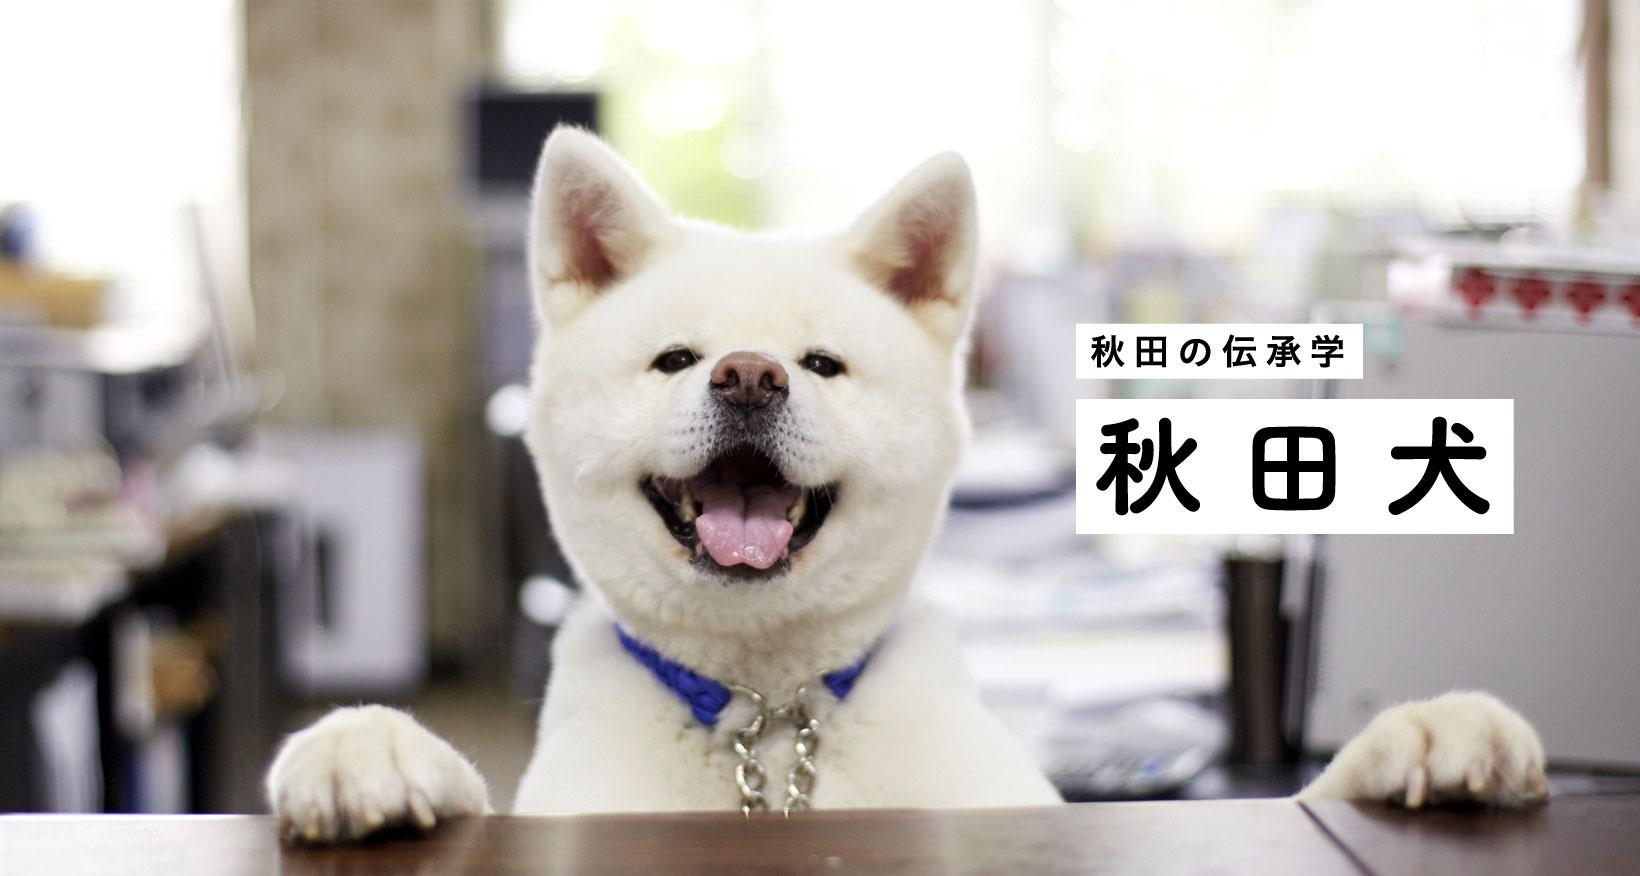 秋田の伝承学 秋田犬